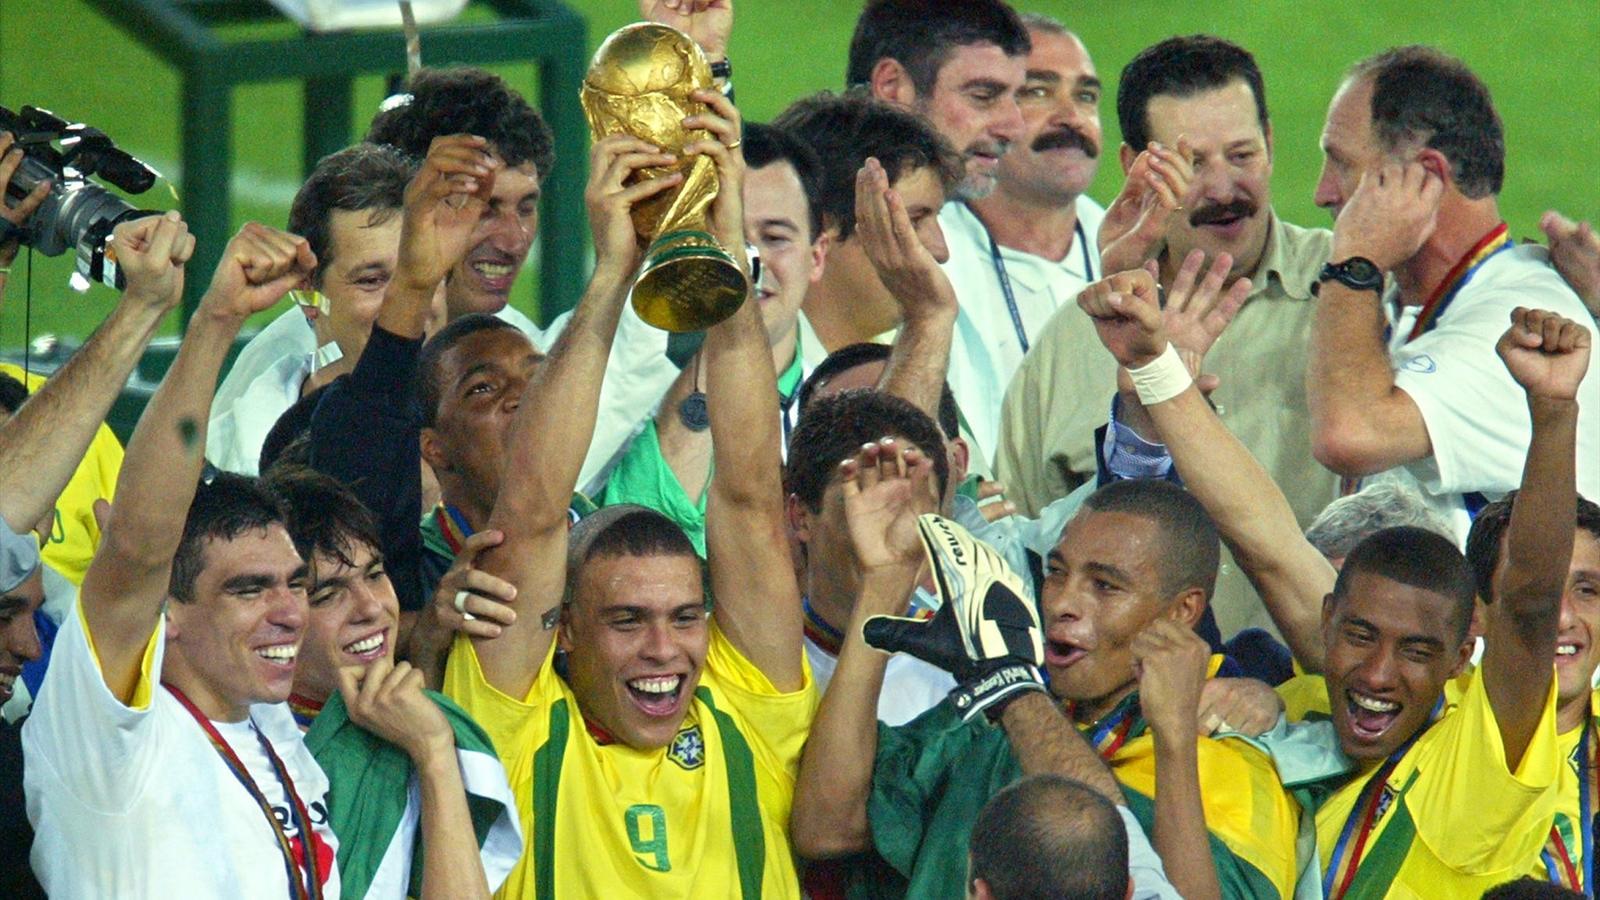 Coupe du monde 2002 la r tro victoire du br sil en - Bresil coupe du monde 2002 ...